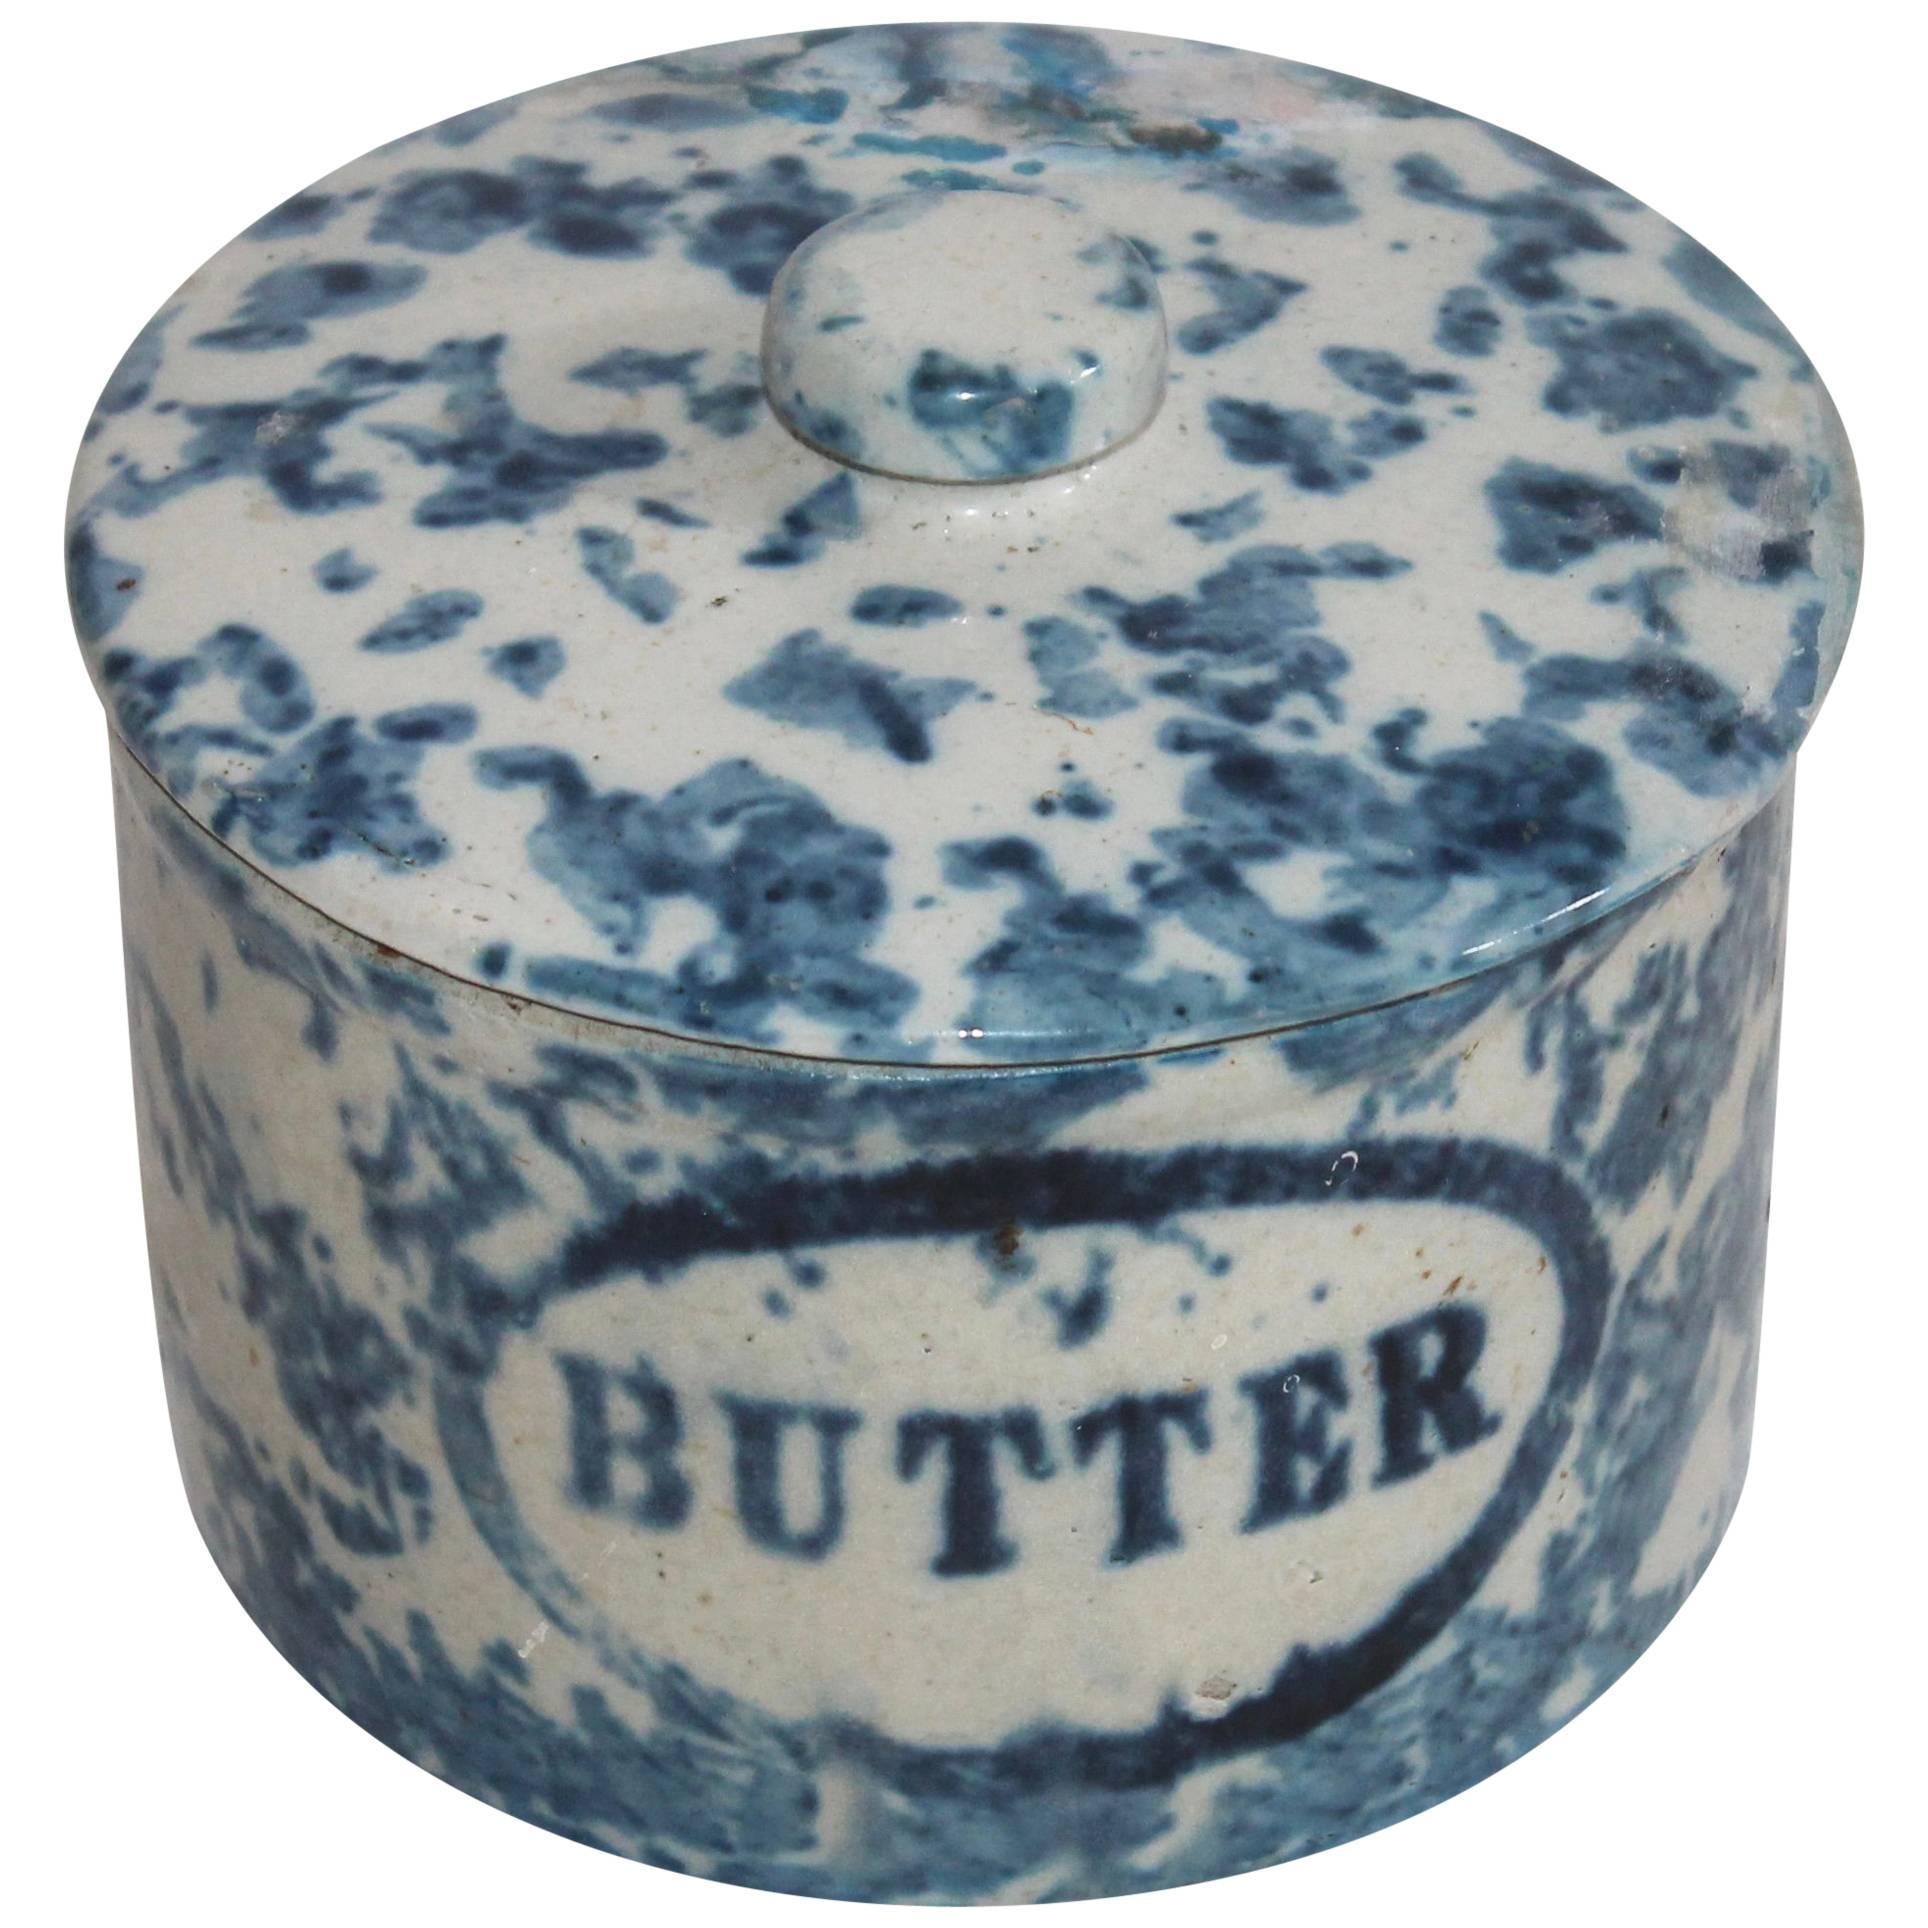 19th Century Spongeware Butter Crock